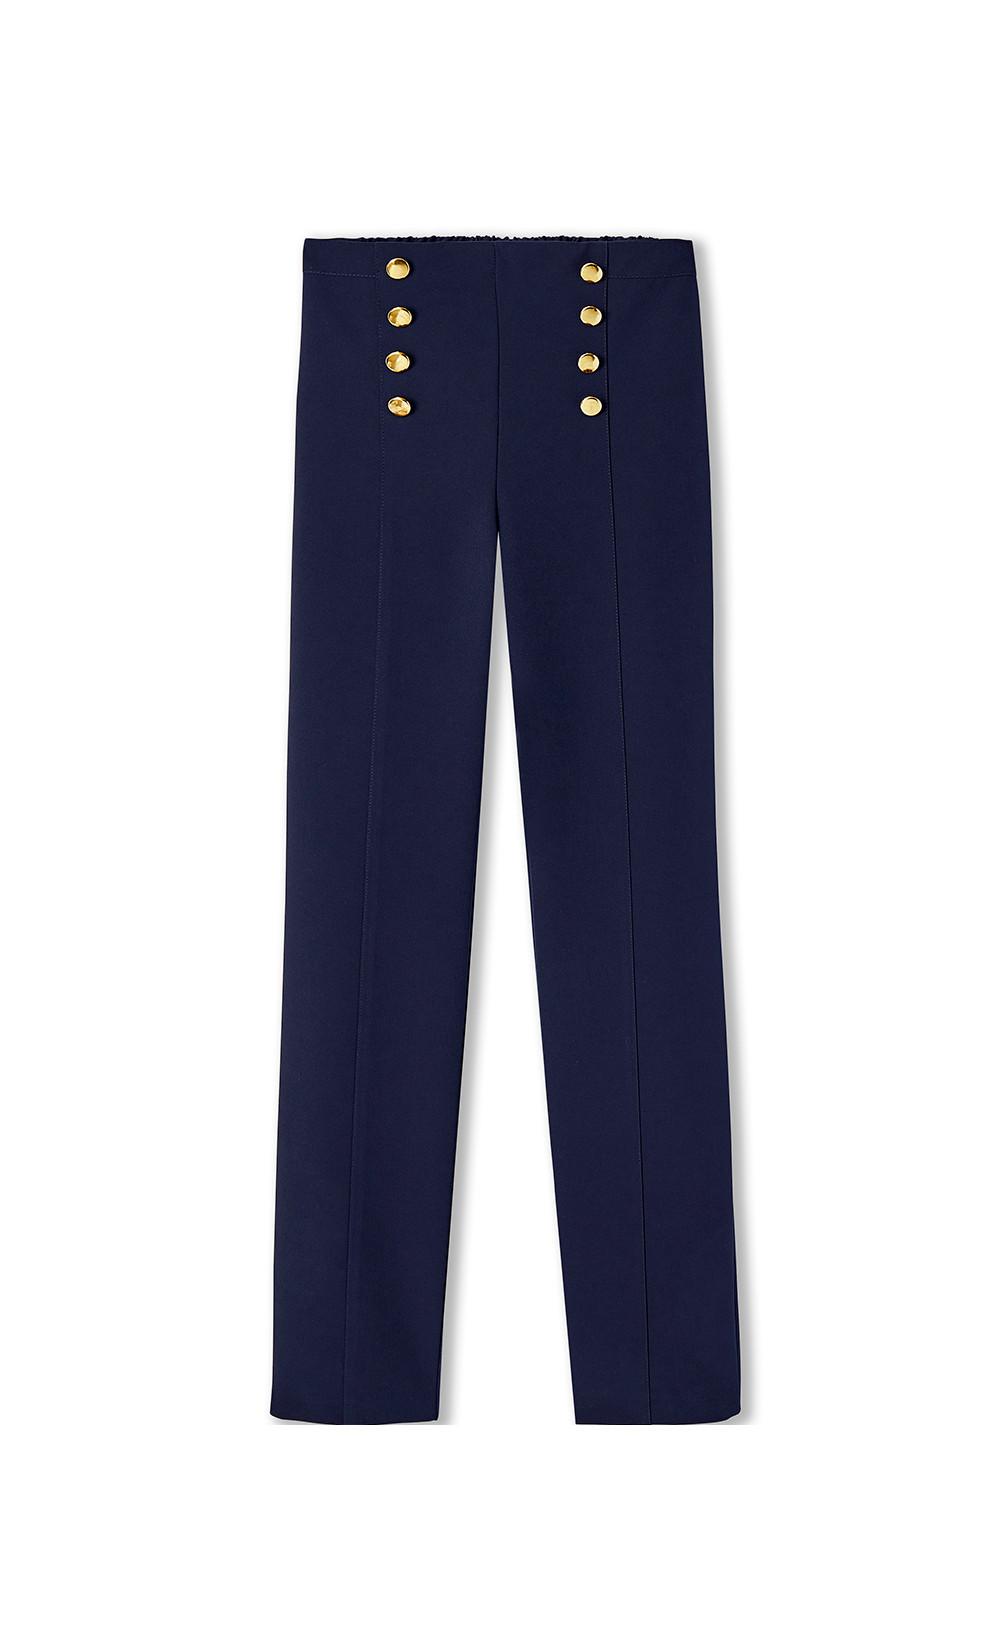 pantalon - NAILLAT